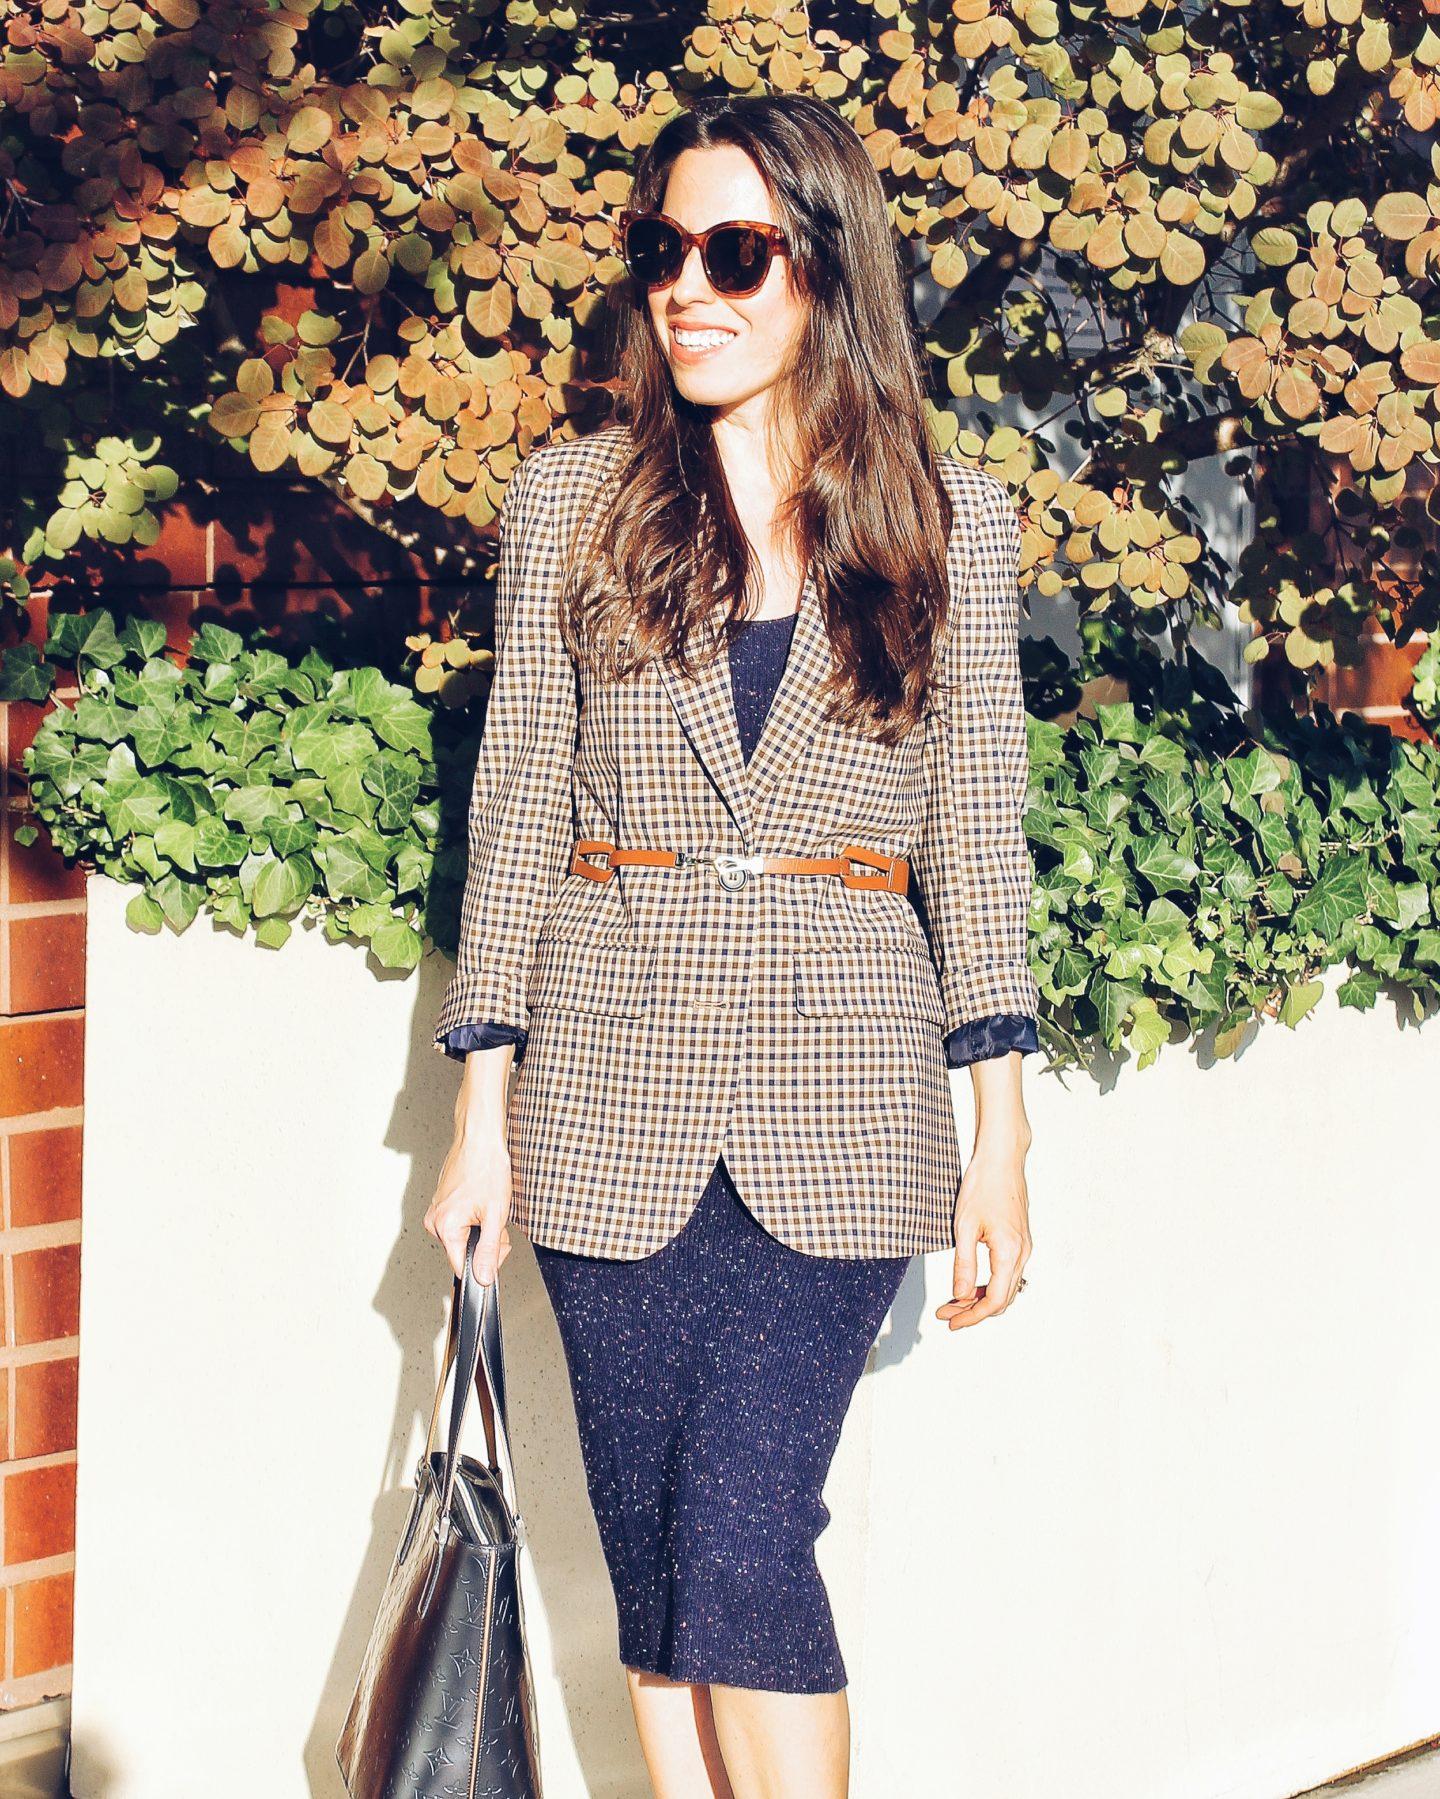 style-blogger-ana-florentina-wearing-jcrew-boyfriend-blazer